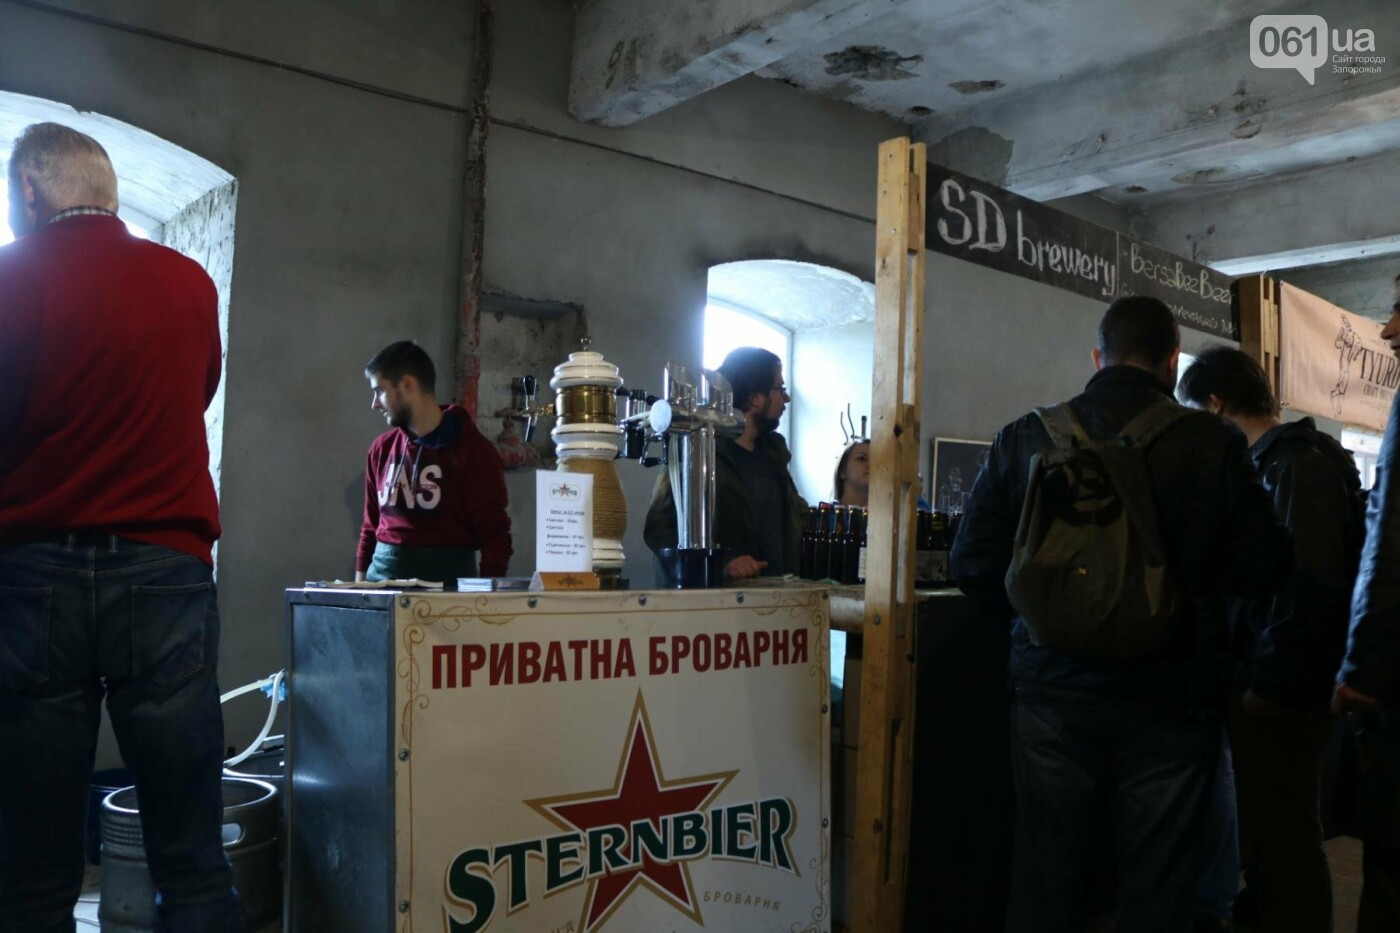 Как в Запорожье проходит фестиваль крафтового пива, - ФОТОРЕПОРТАЖ , фото-3